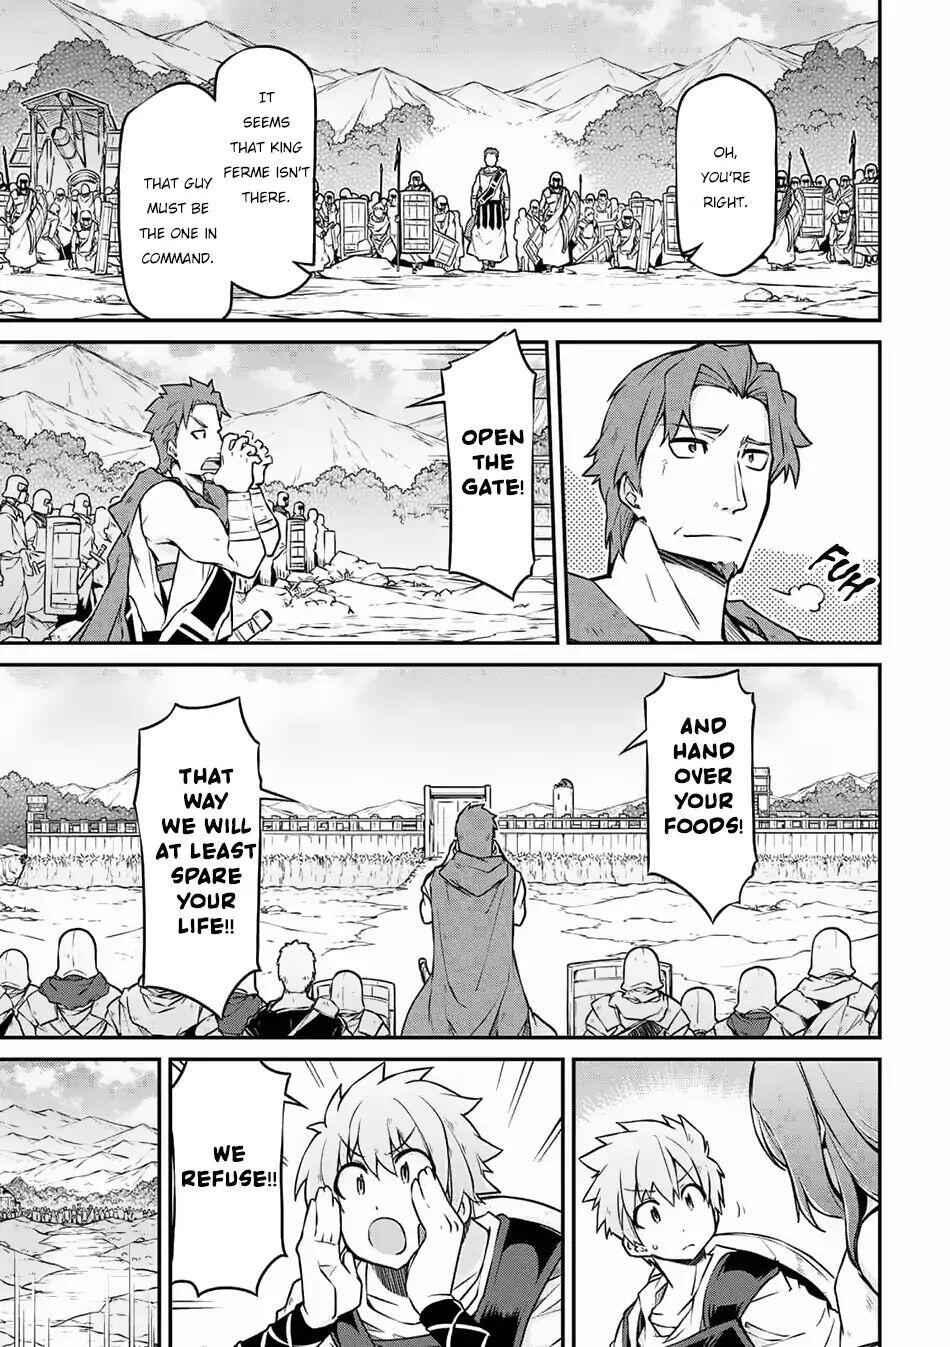 Isekai Kenkokuki - chapter 25.1-eng-li